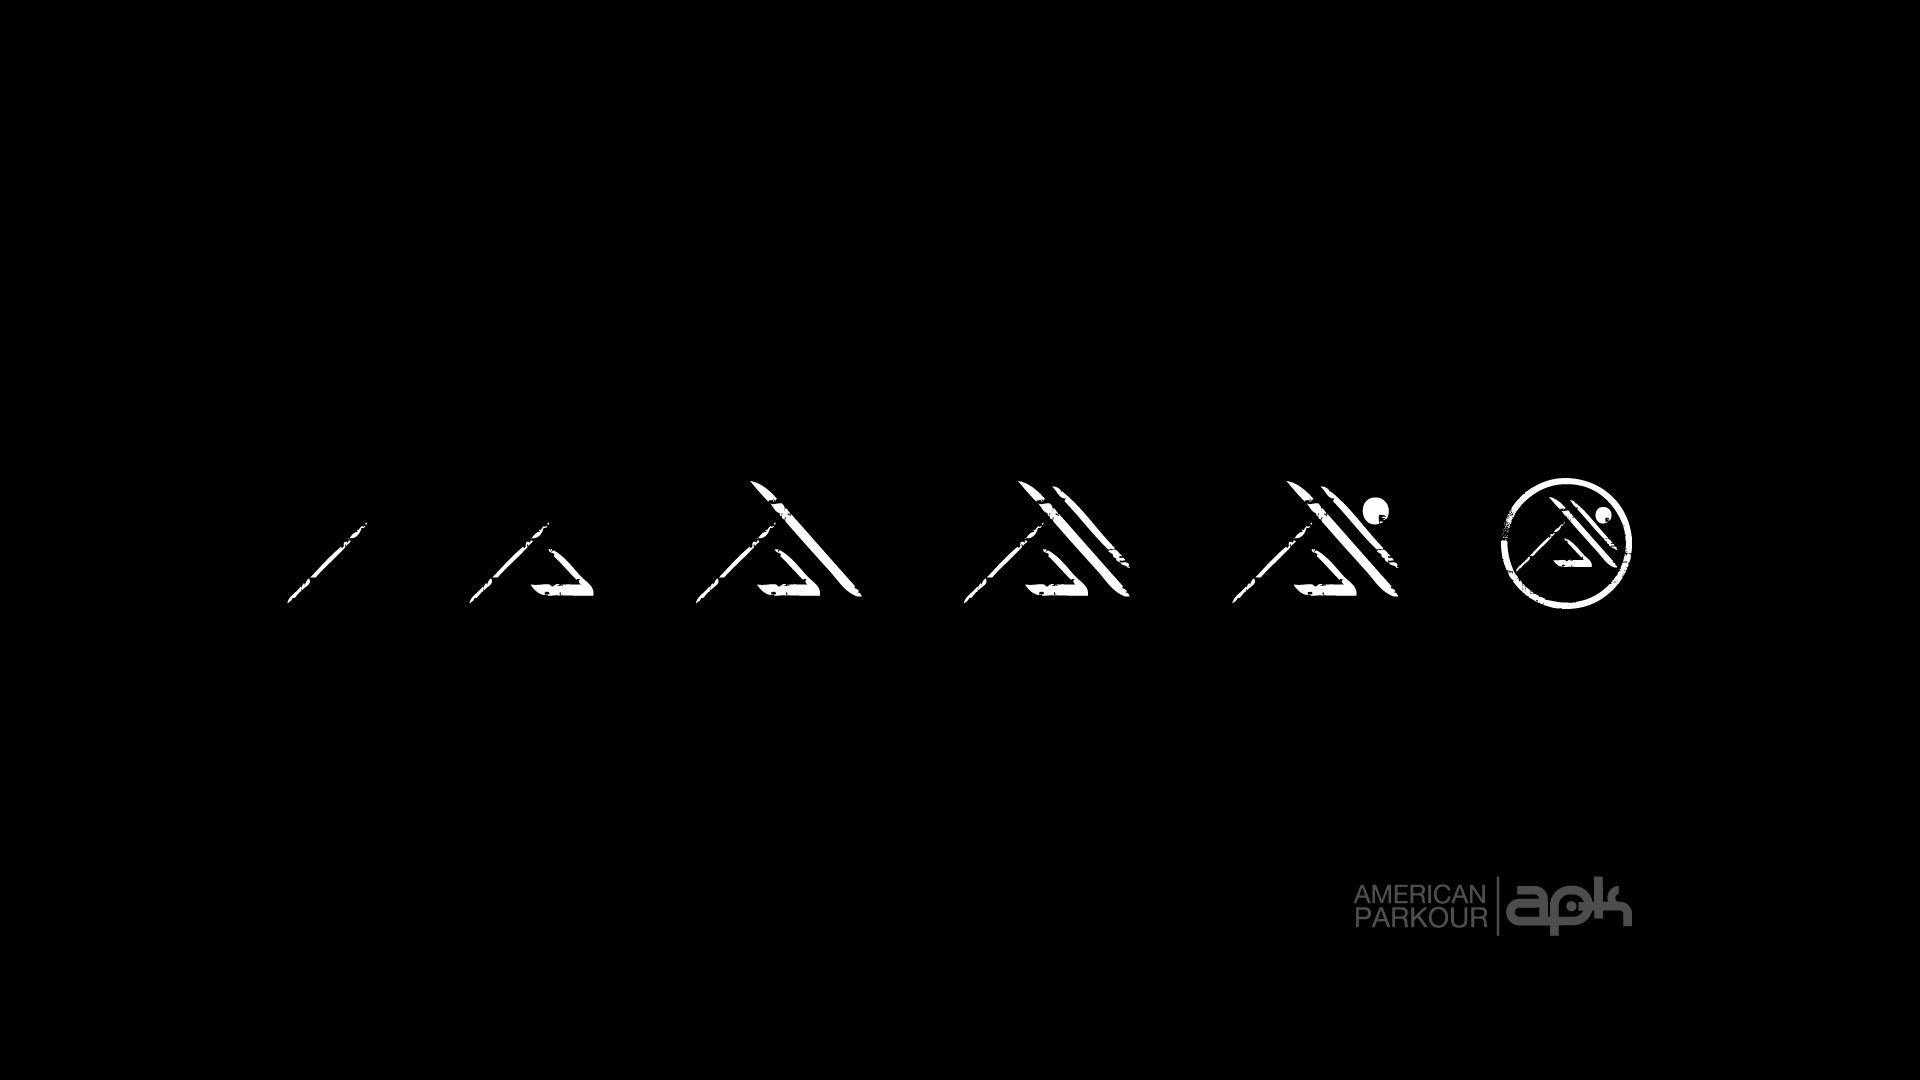 Images Of Parkour Symbol Wallpaper